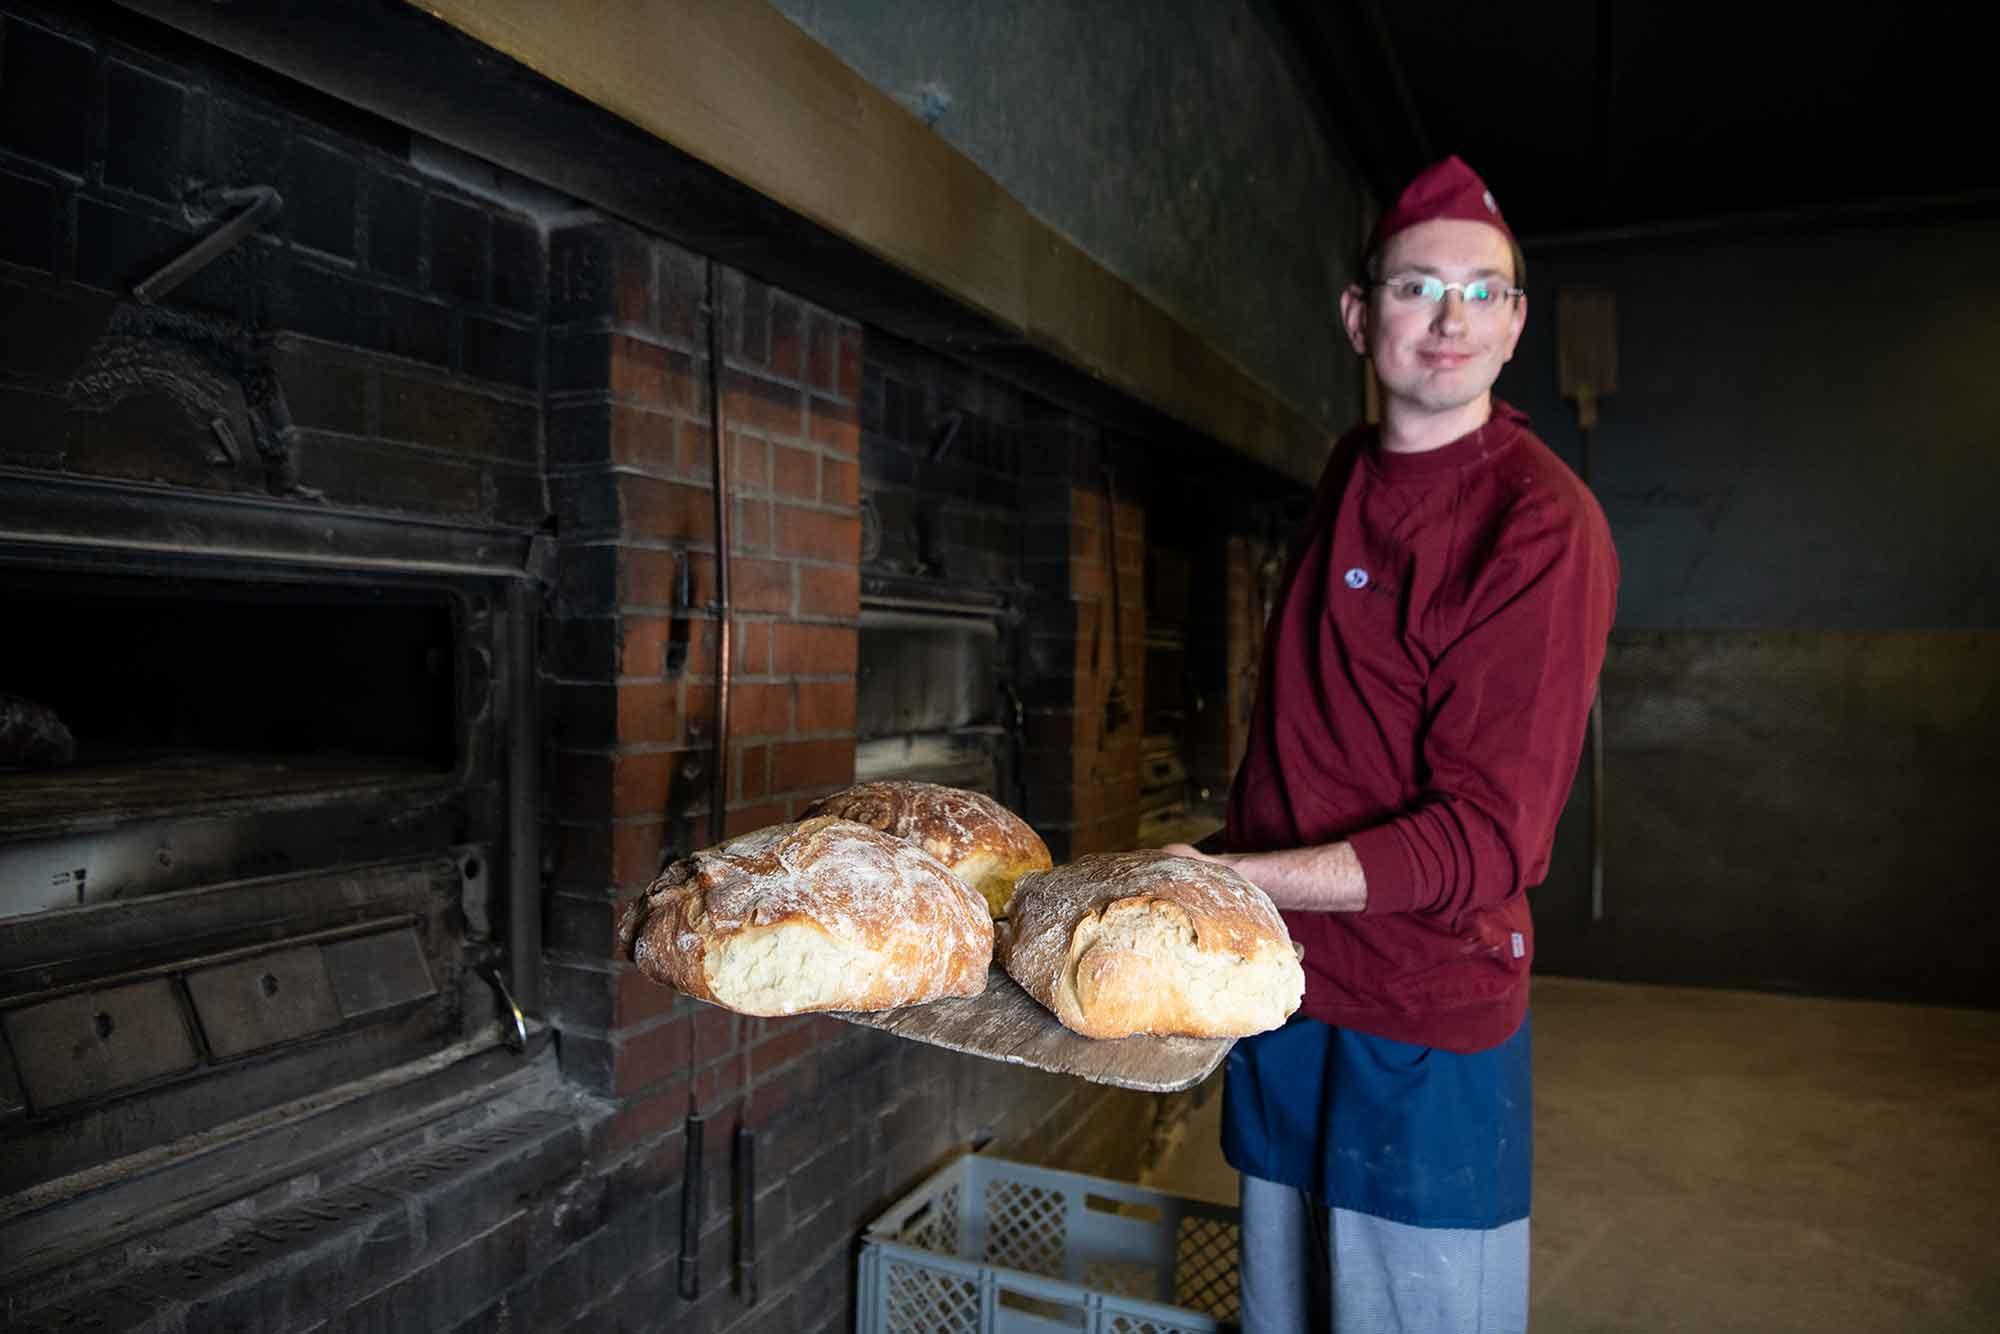 Eselsmühle Bäcker mit Brot vor Holzofen